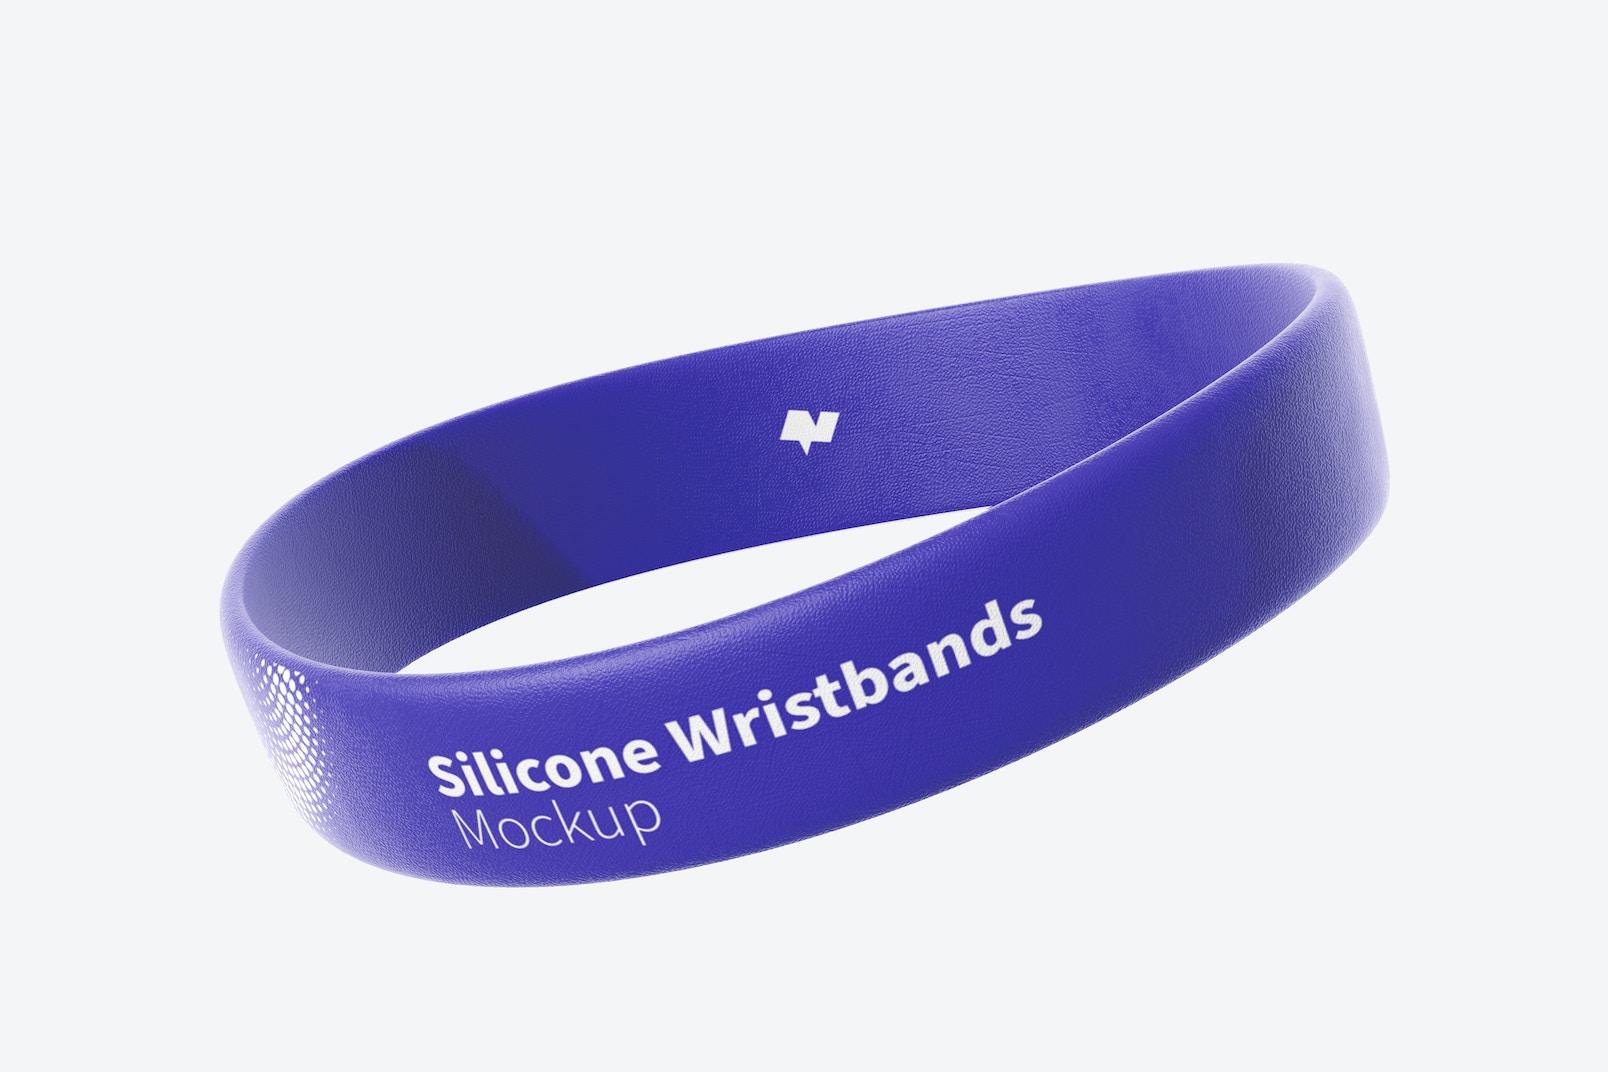 Silicone Wristband Mockup, Single Floating